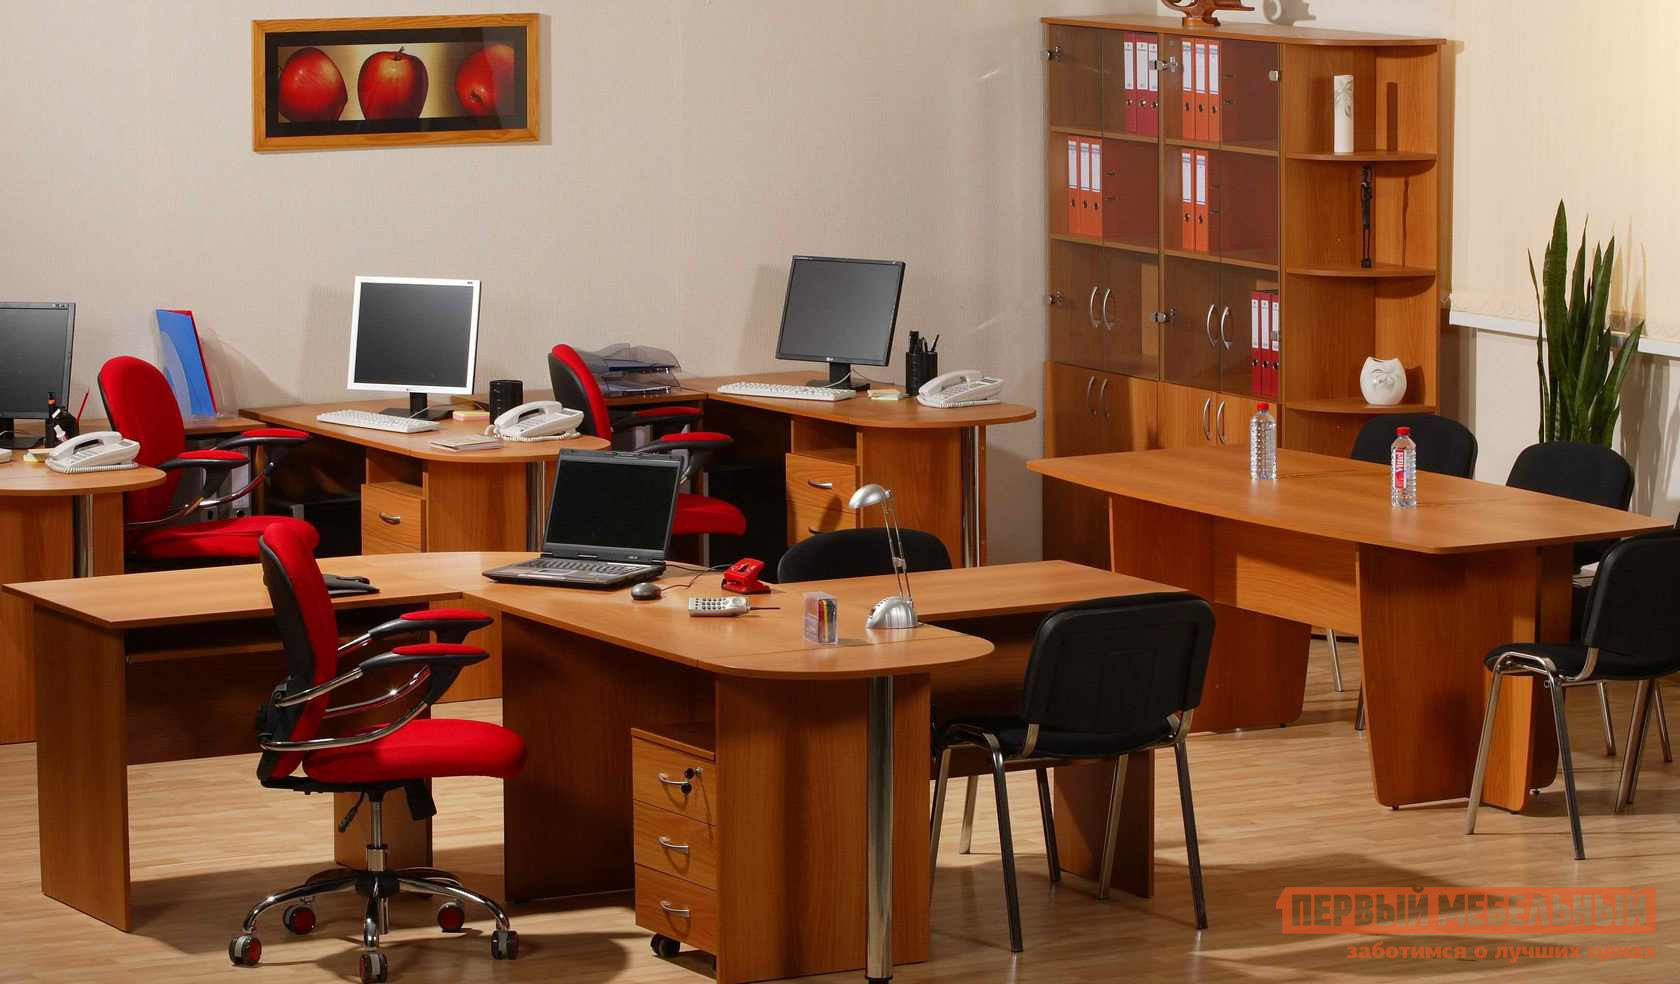 Комплект офисной мебели Витра Рубин К3 комплект офисной мебели pointex свифт к3 темный